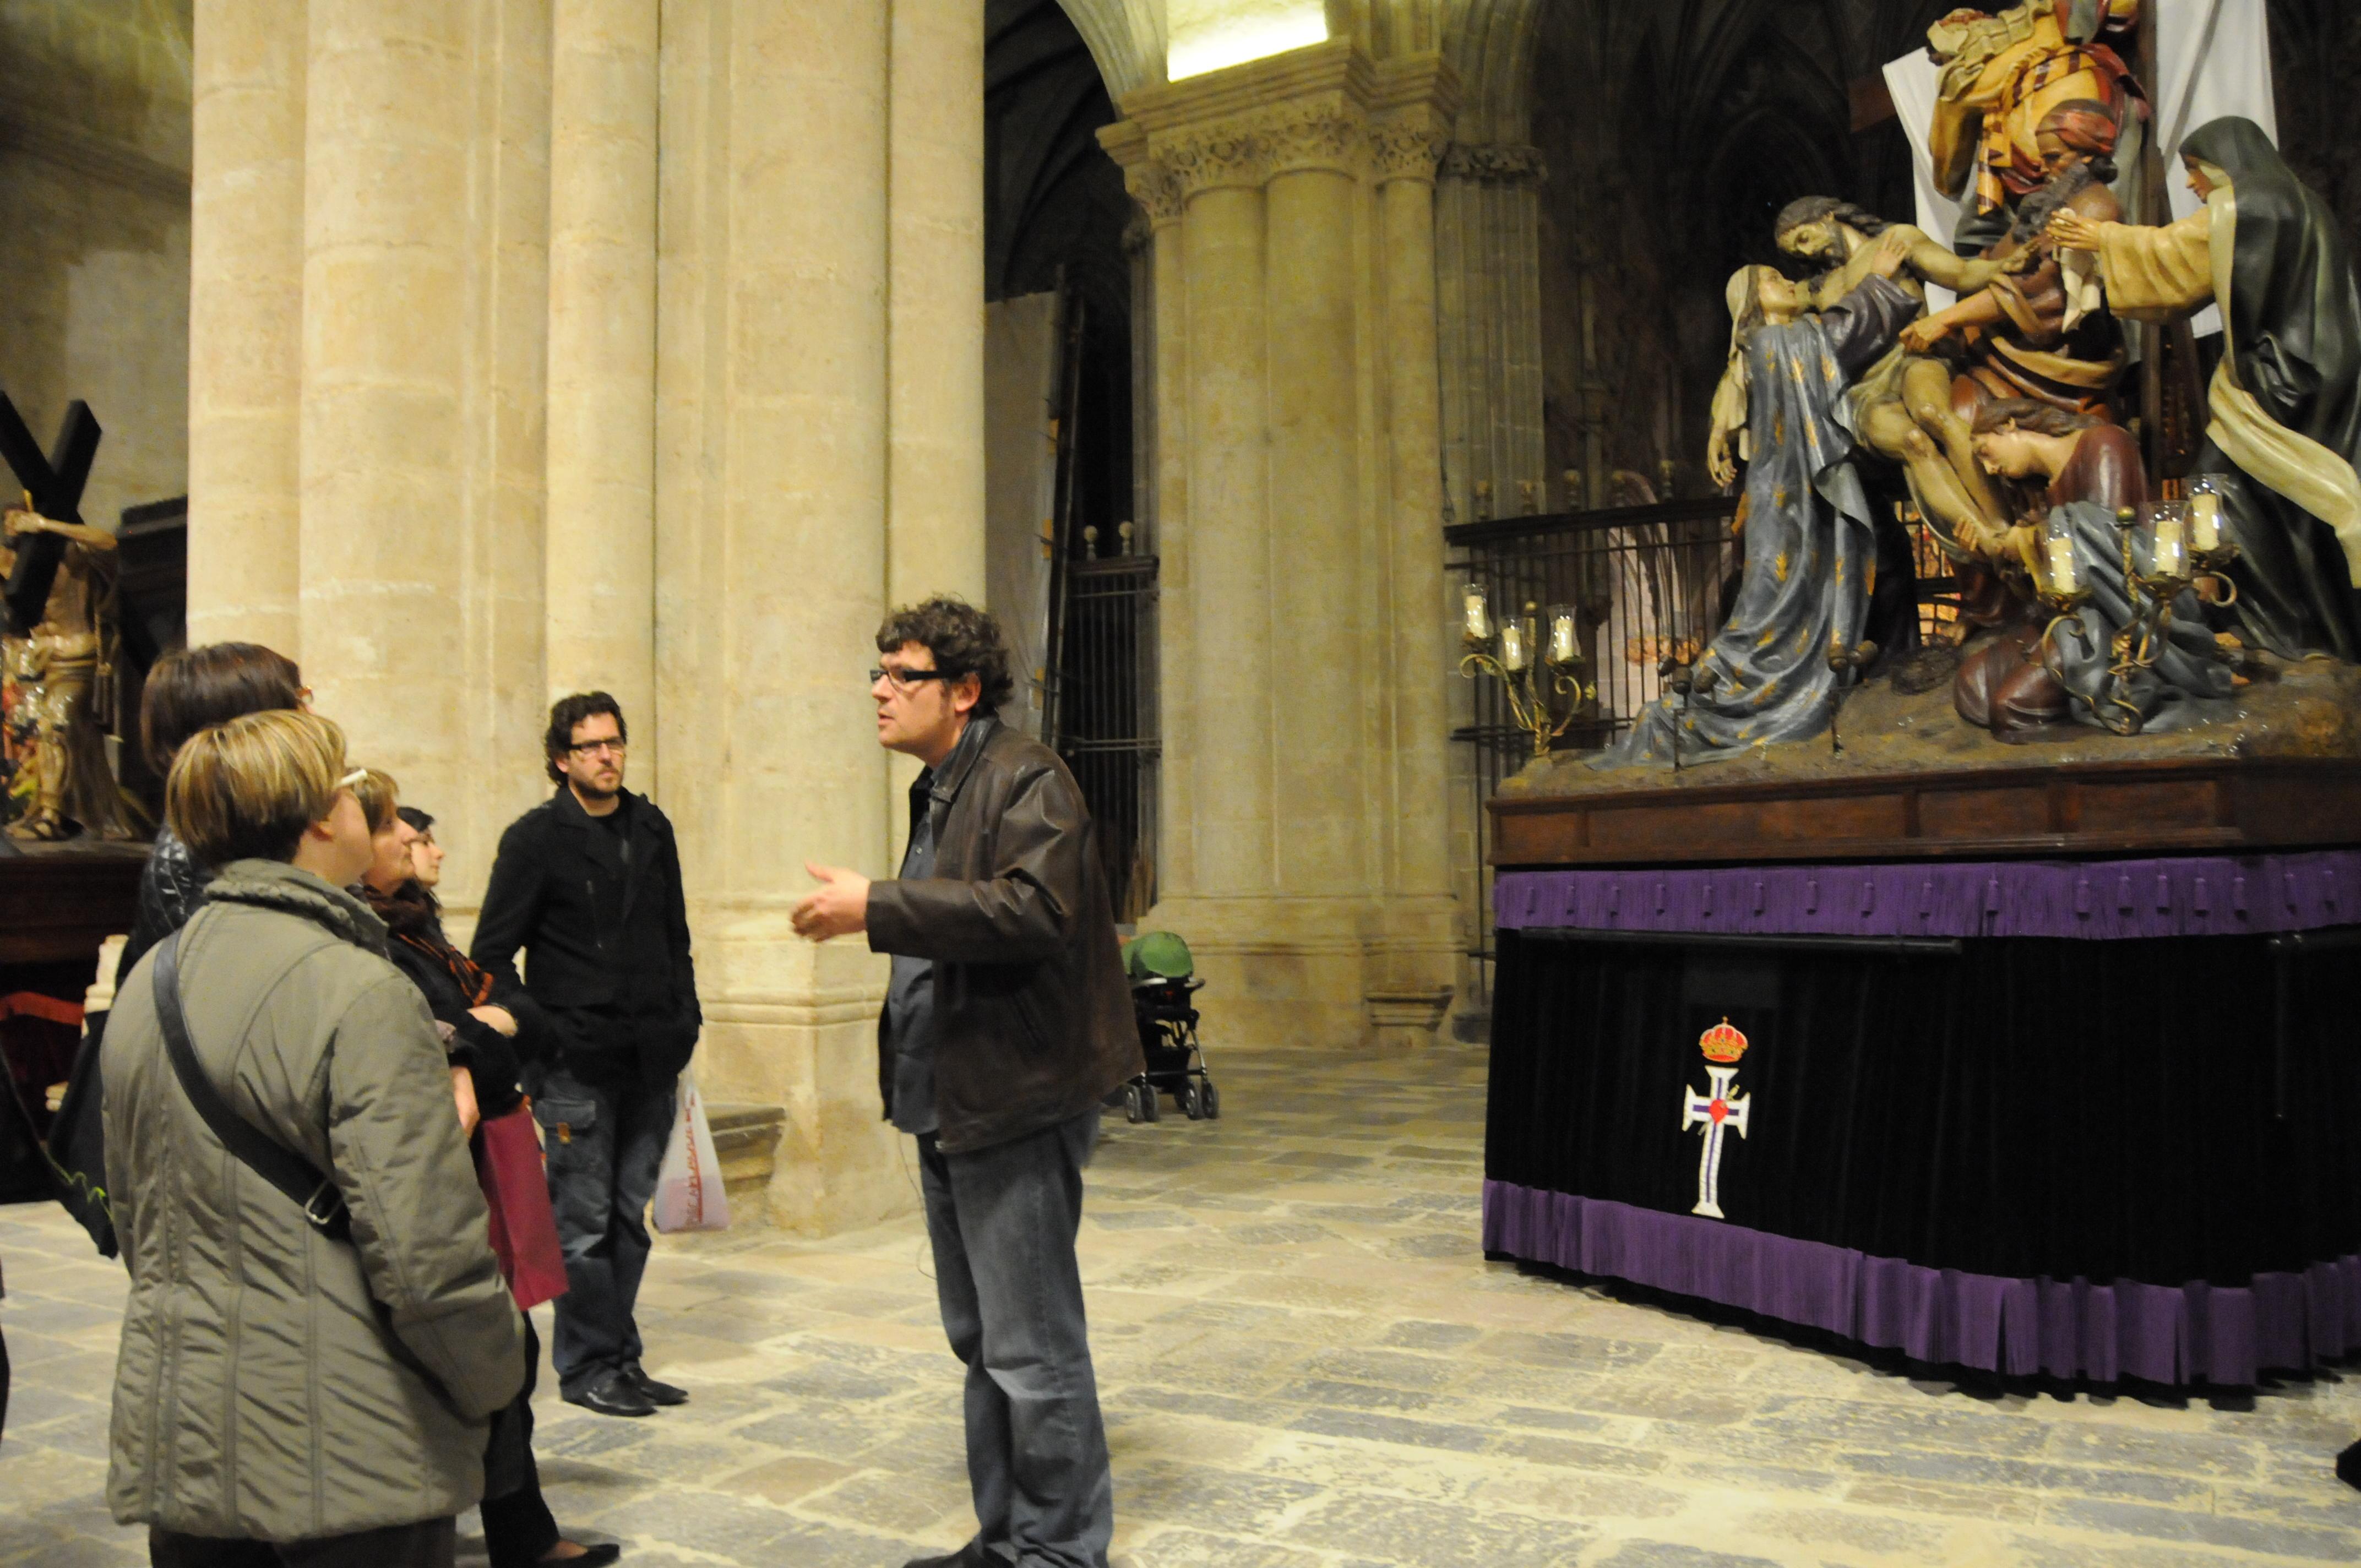 Visita comentada als passos que l'any 2013 es guardaven a la Catedral. Foto Auriga Serveis Culturals